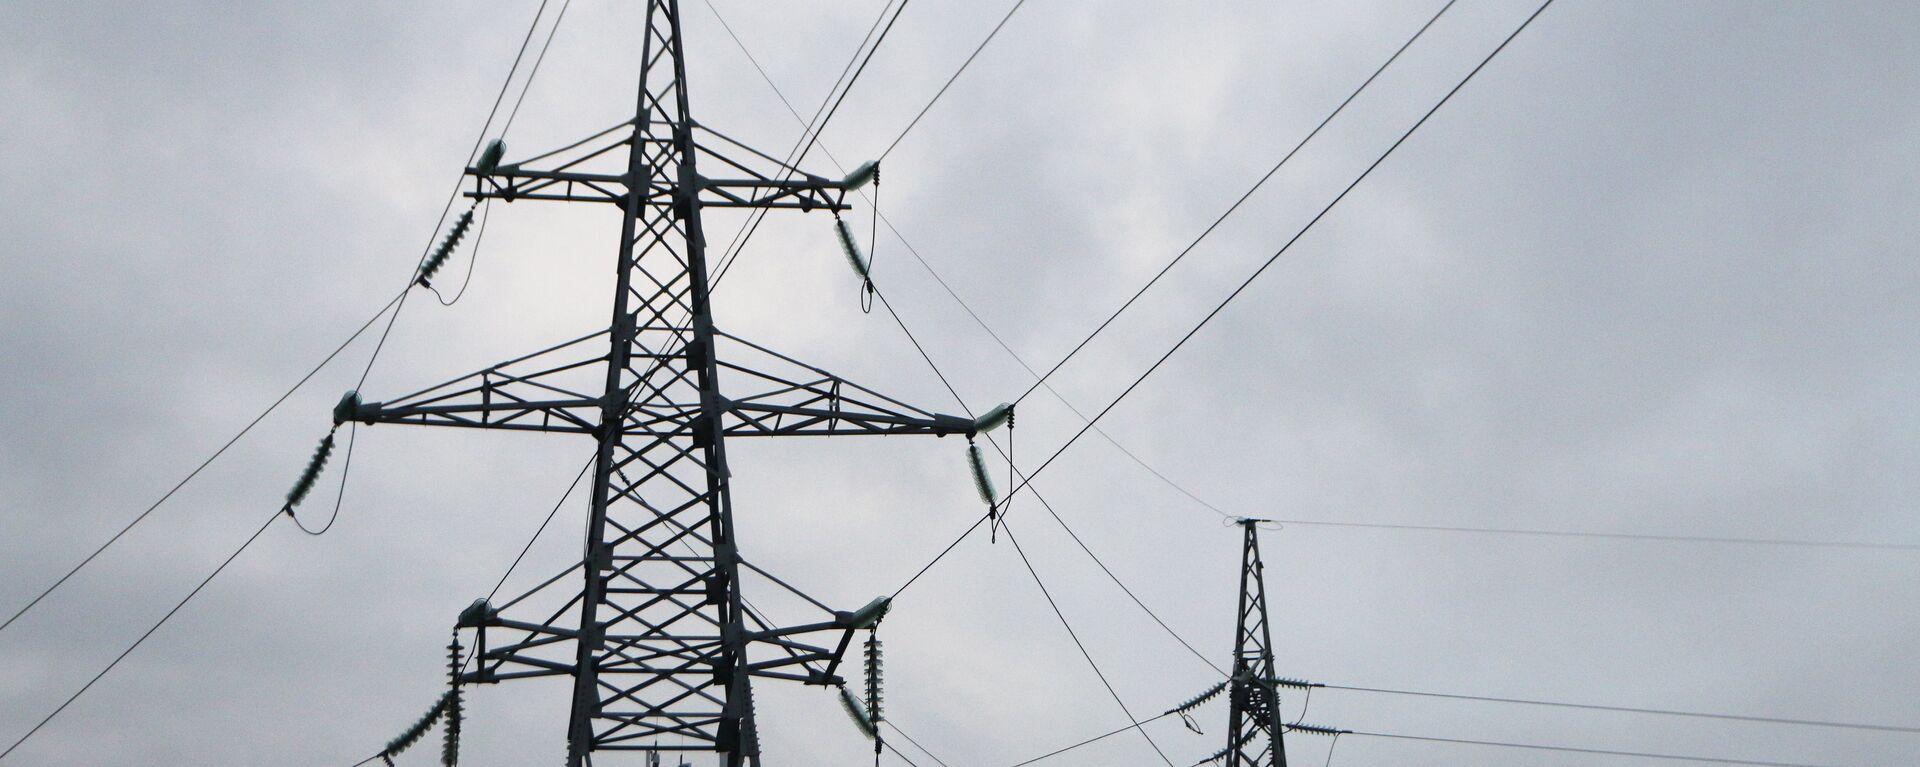 Высоковольтные линии электропередачи - Sputnik Латвия, 1920, 06.07.2021